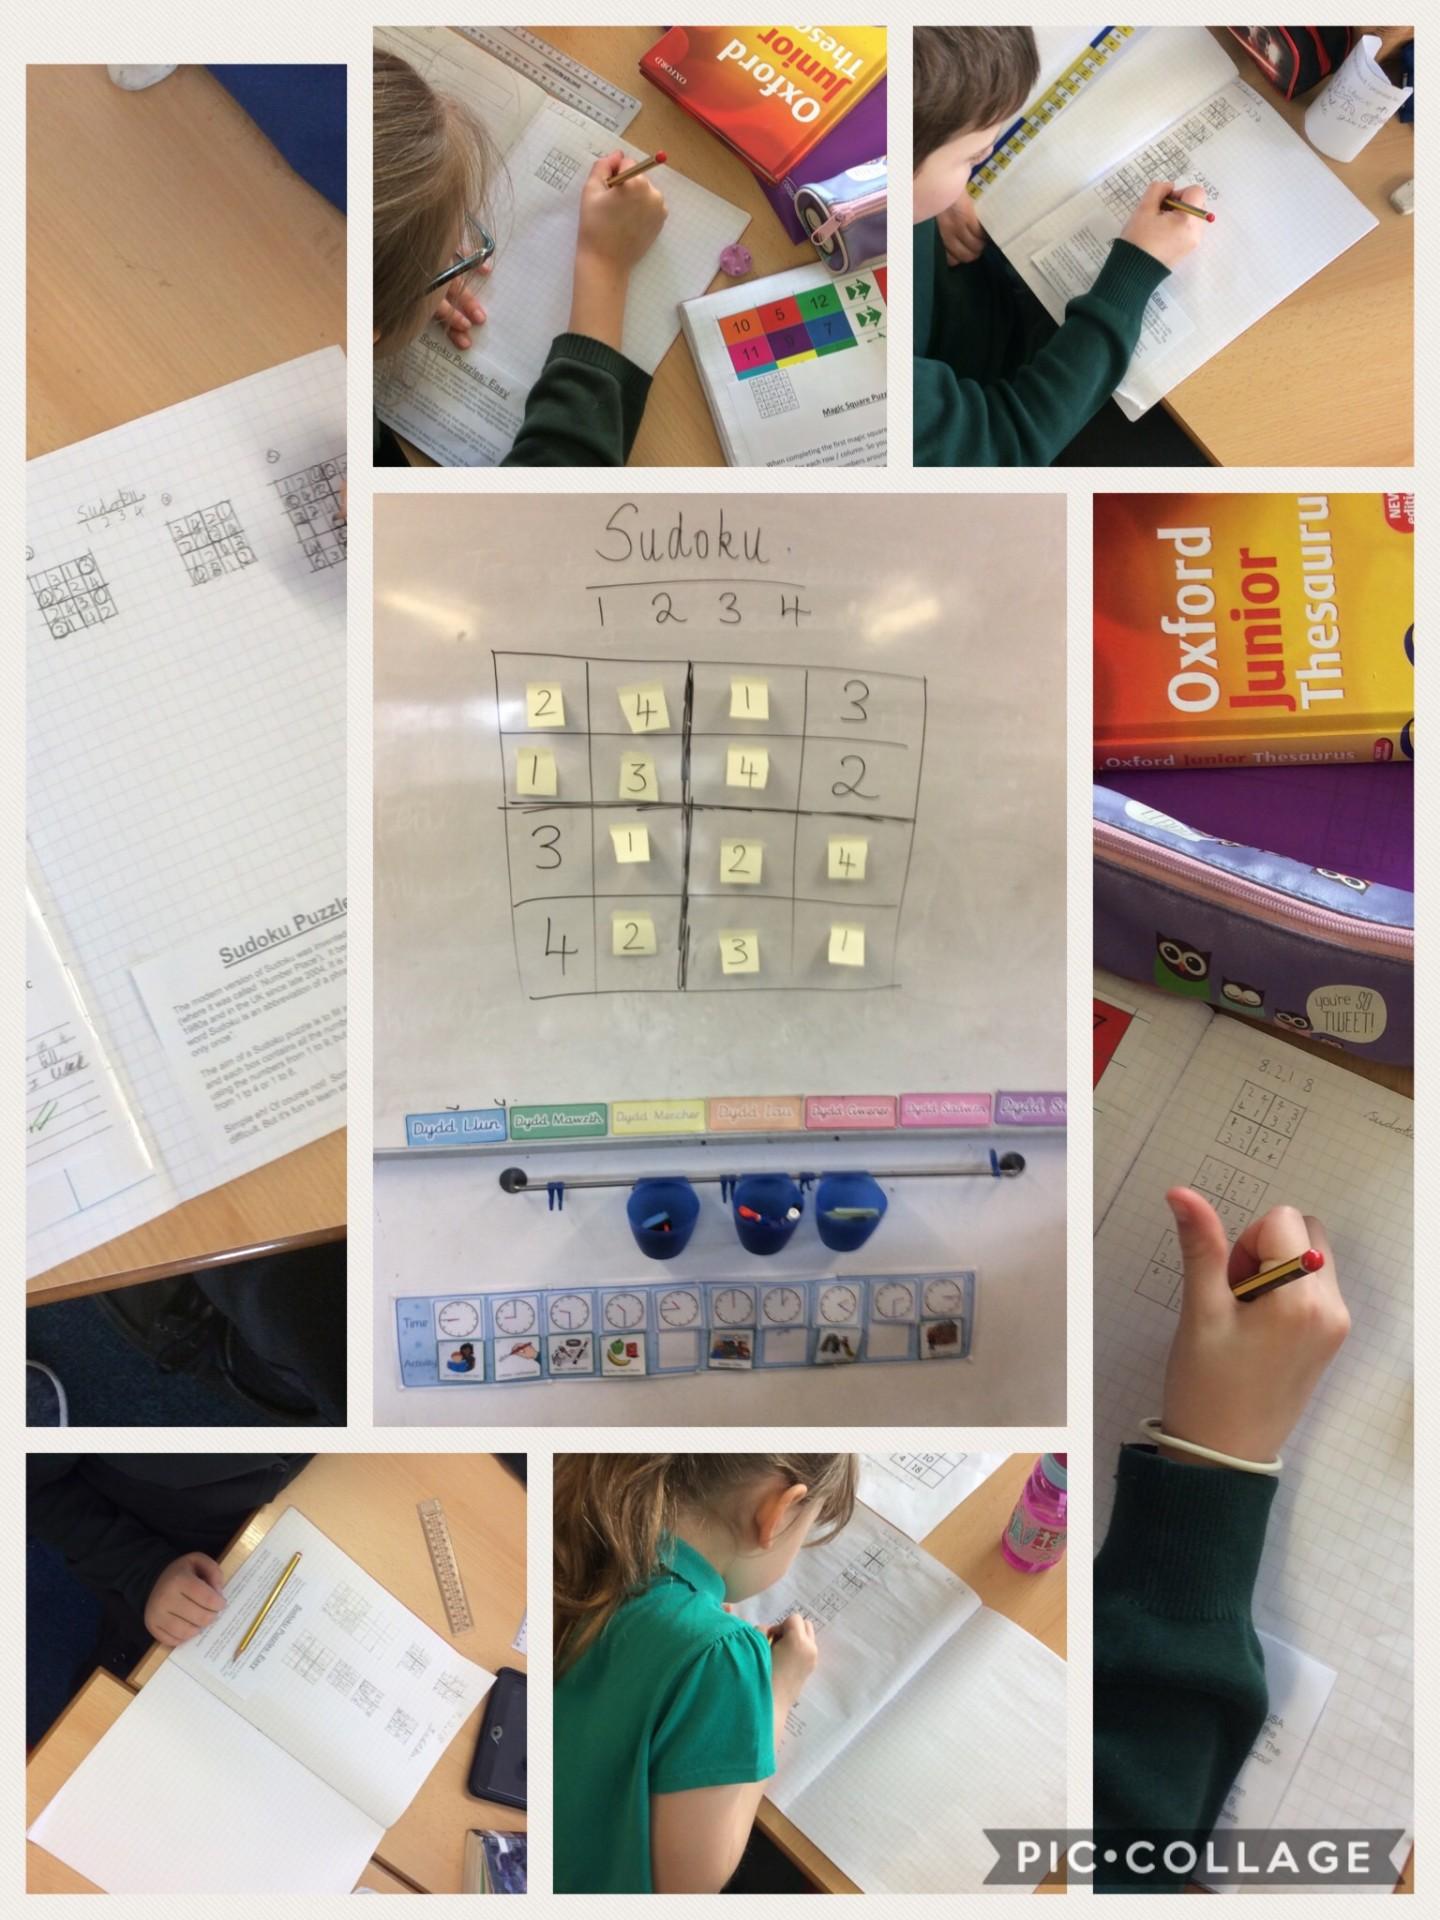 Year 3/4: Maths Suduko